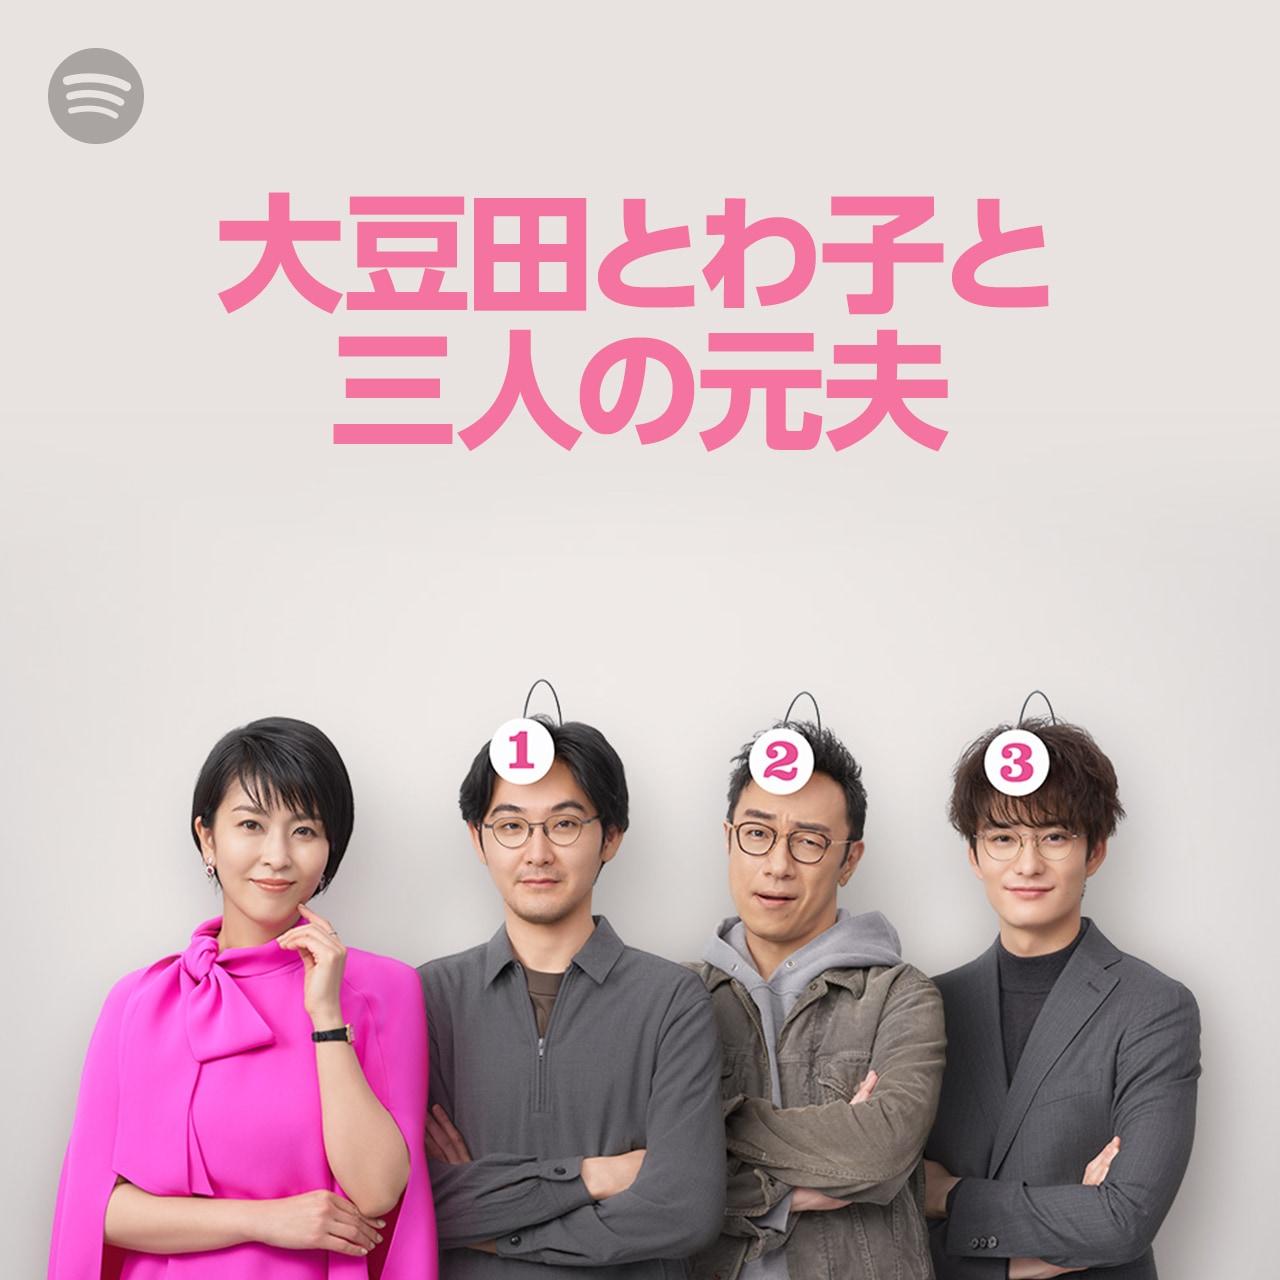 『大豆田とわ子』の世界を追体験! Spotify初となるボイス入り公式プレイリストが公開